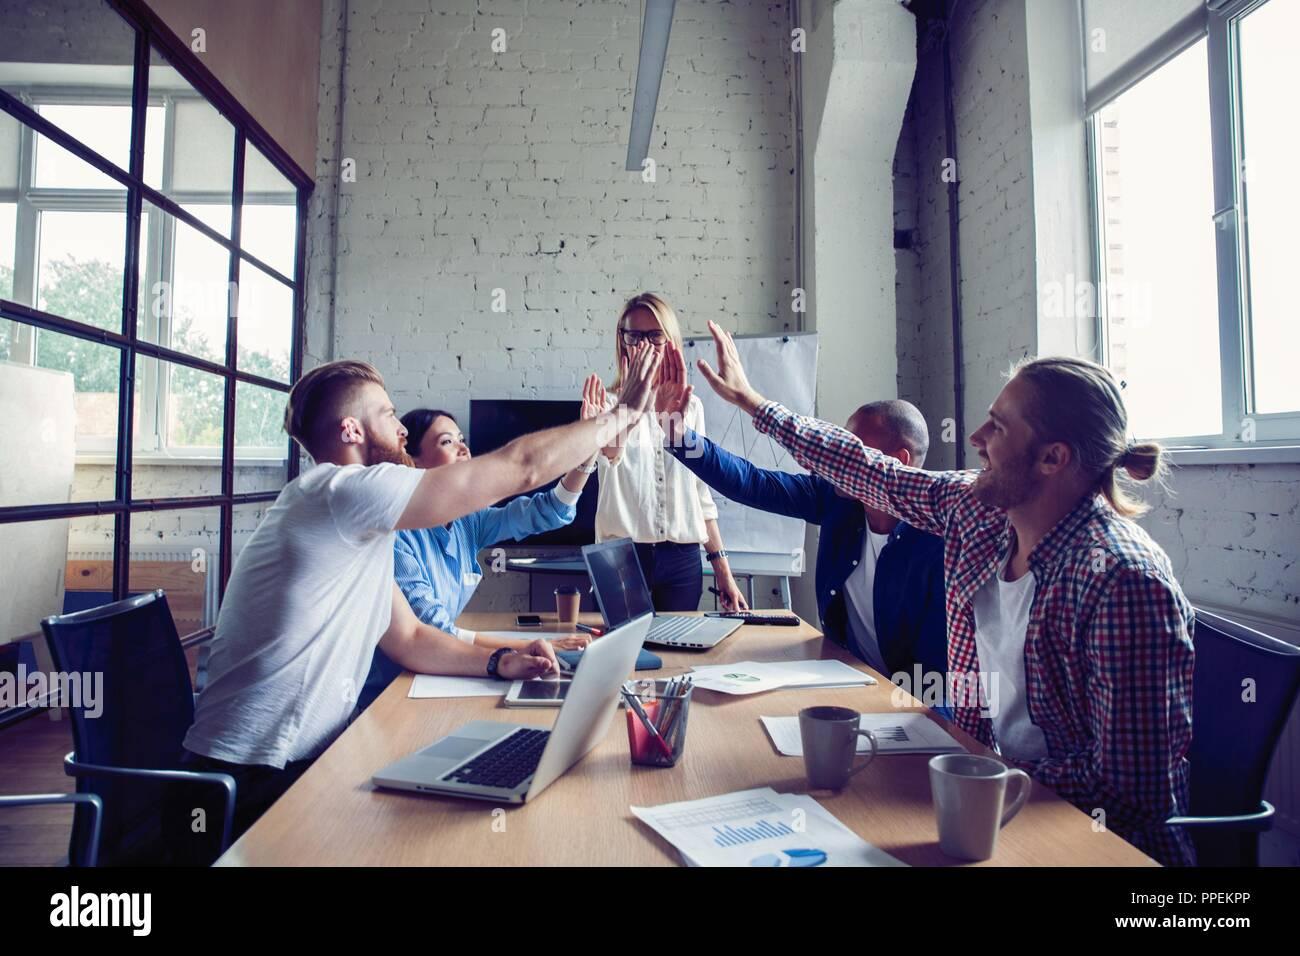 Feliz éxito multirracial equipo empresarial dando una alta cincos gesto como se ríen y alegrar su éxito. Imagen De Stock